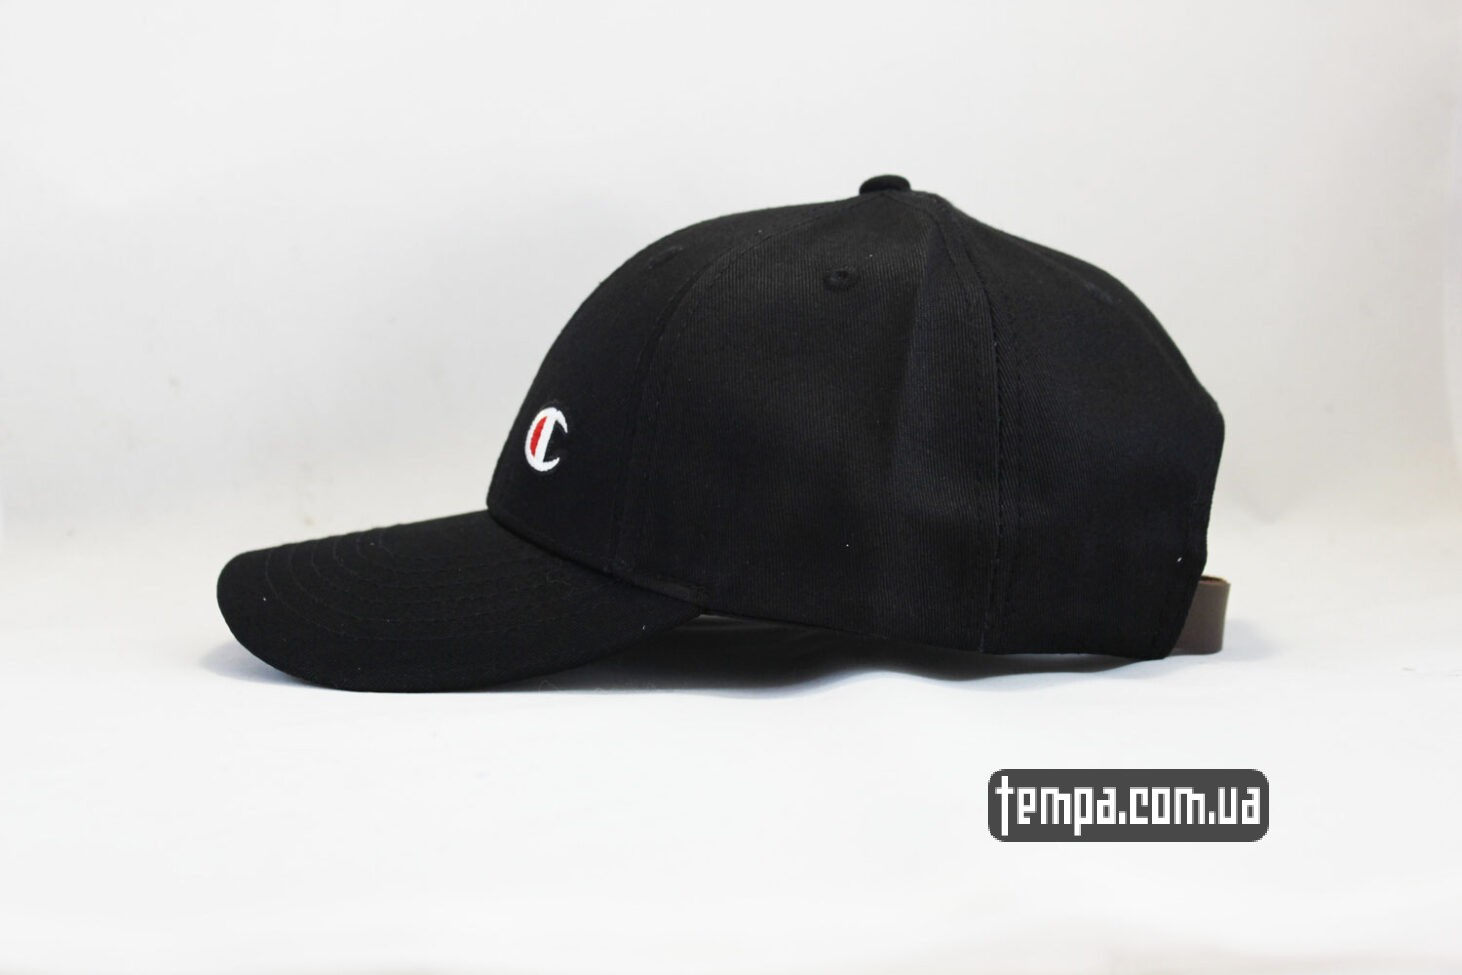 магазин Украина кепка бейсболка Champion черная логотип сбоку-2